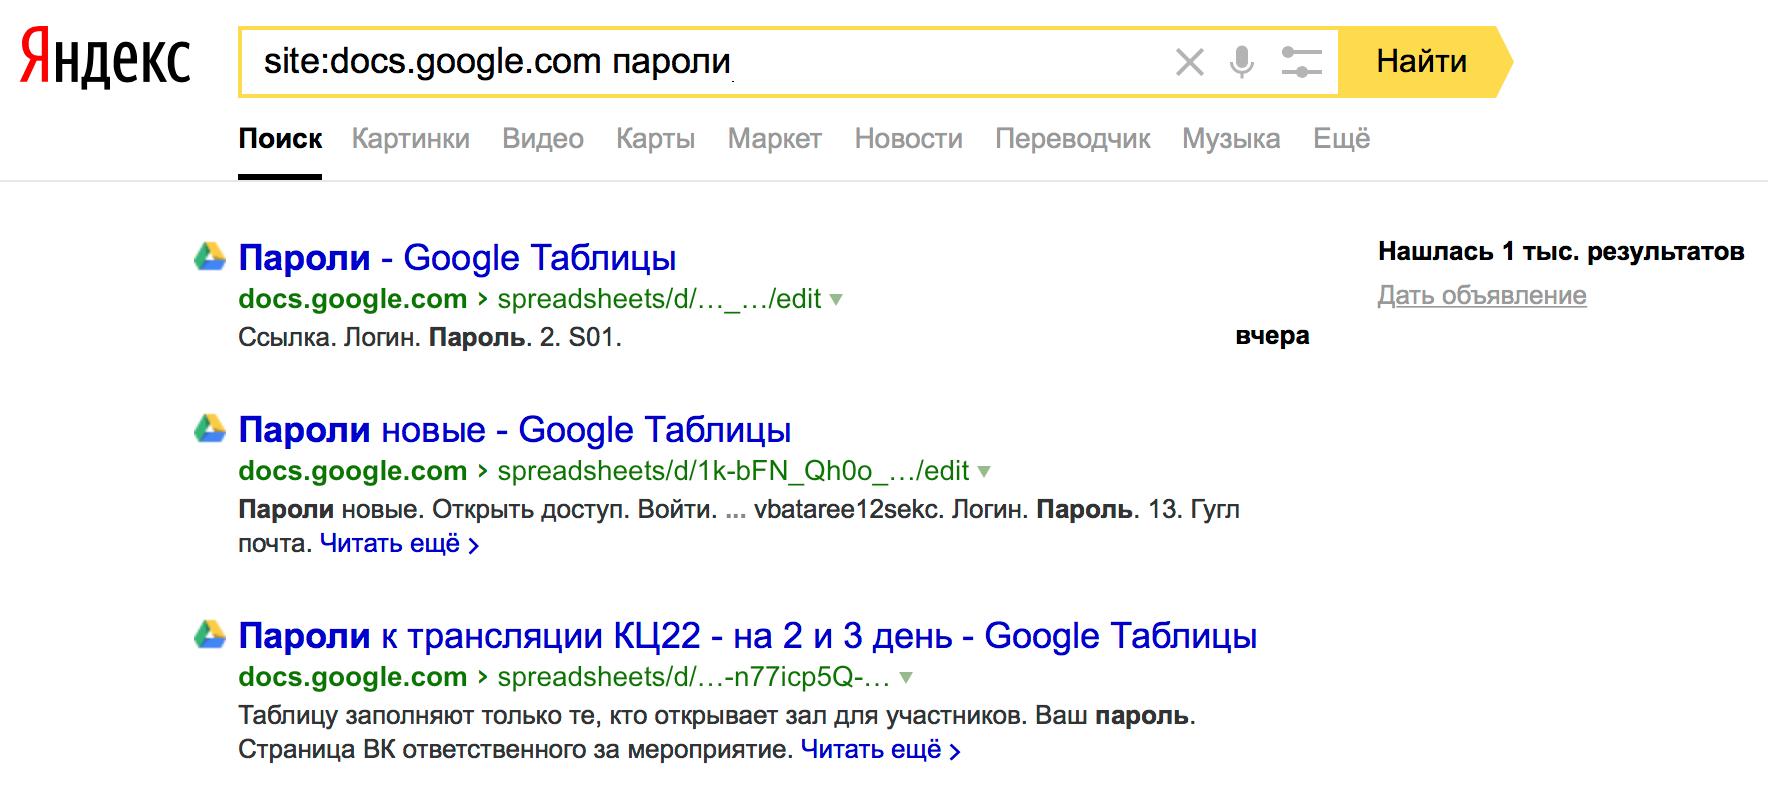 Картинки по запросу яндекс гугл докс пароли